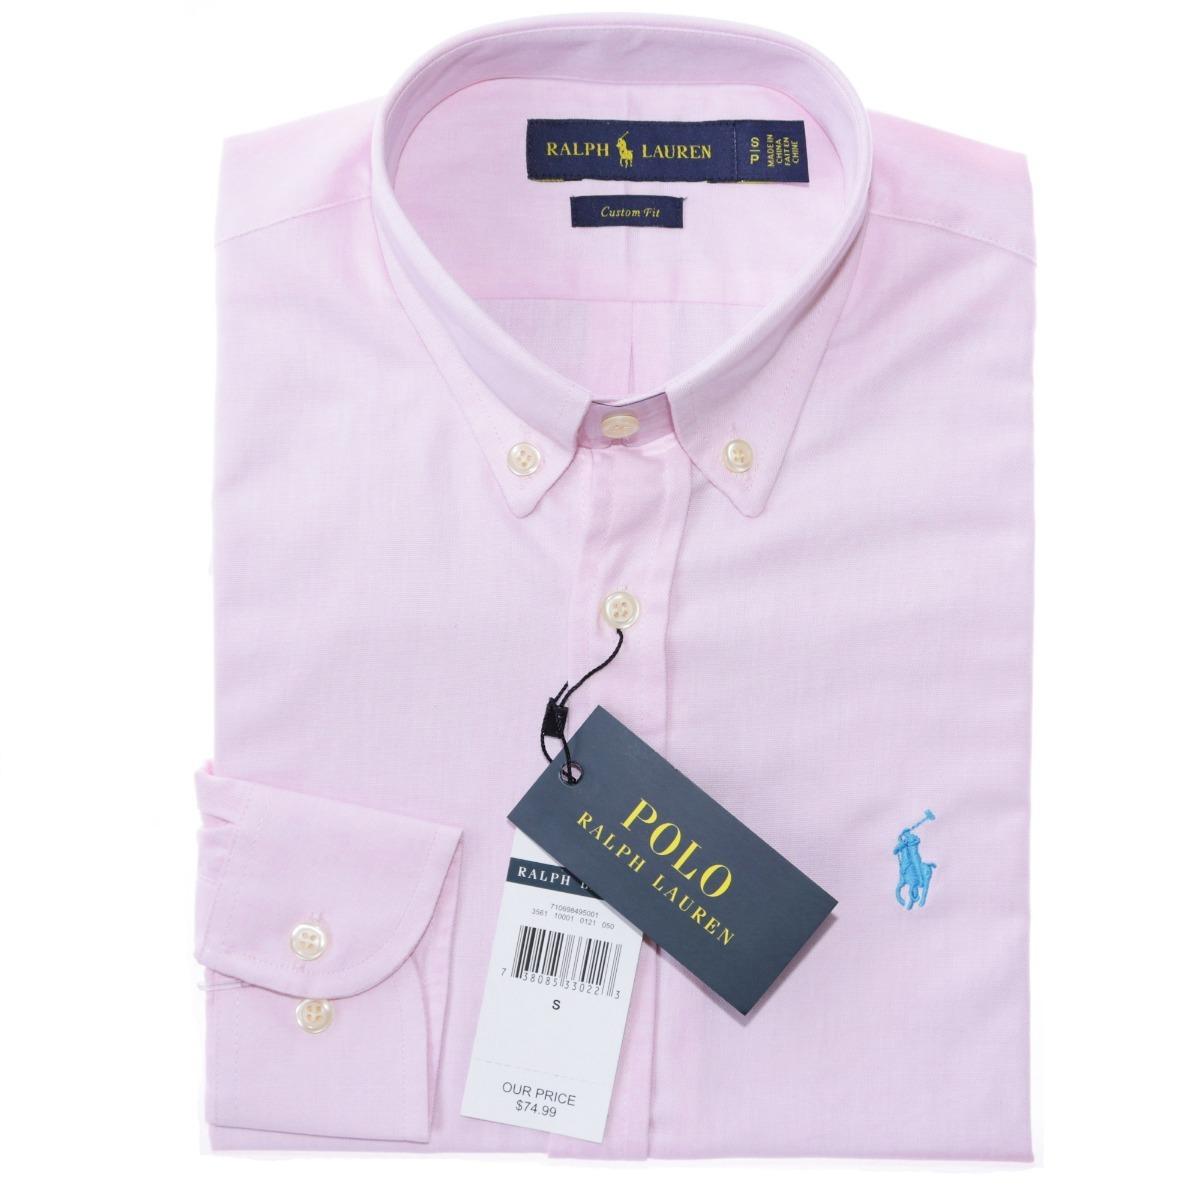 e3a00c8161 557a51dff5a camisa social ralph lauren masc cst fit rosa oxford original.  Carregando zoom.